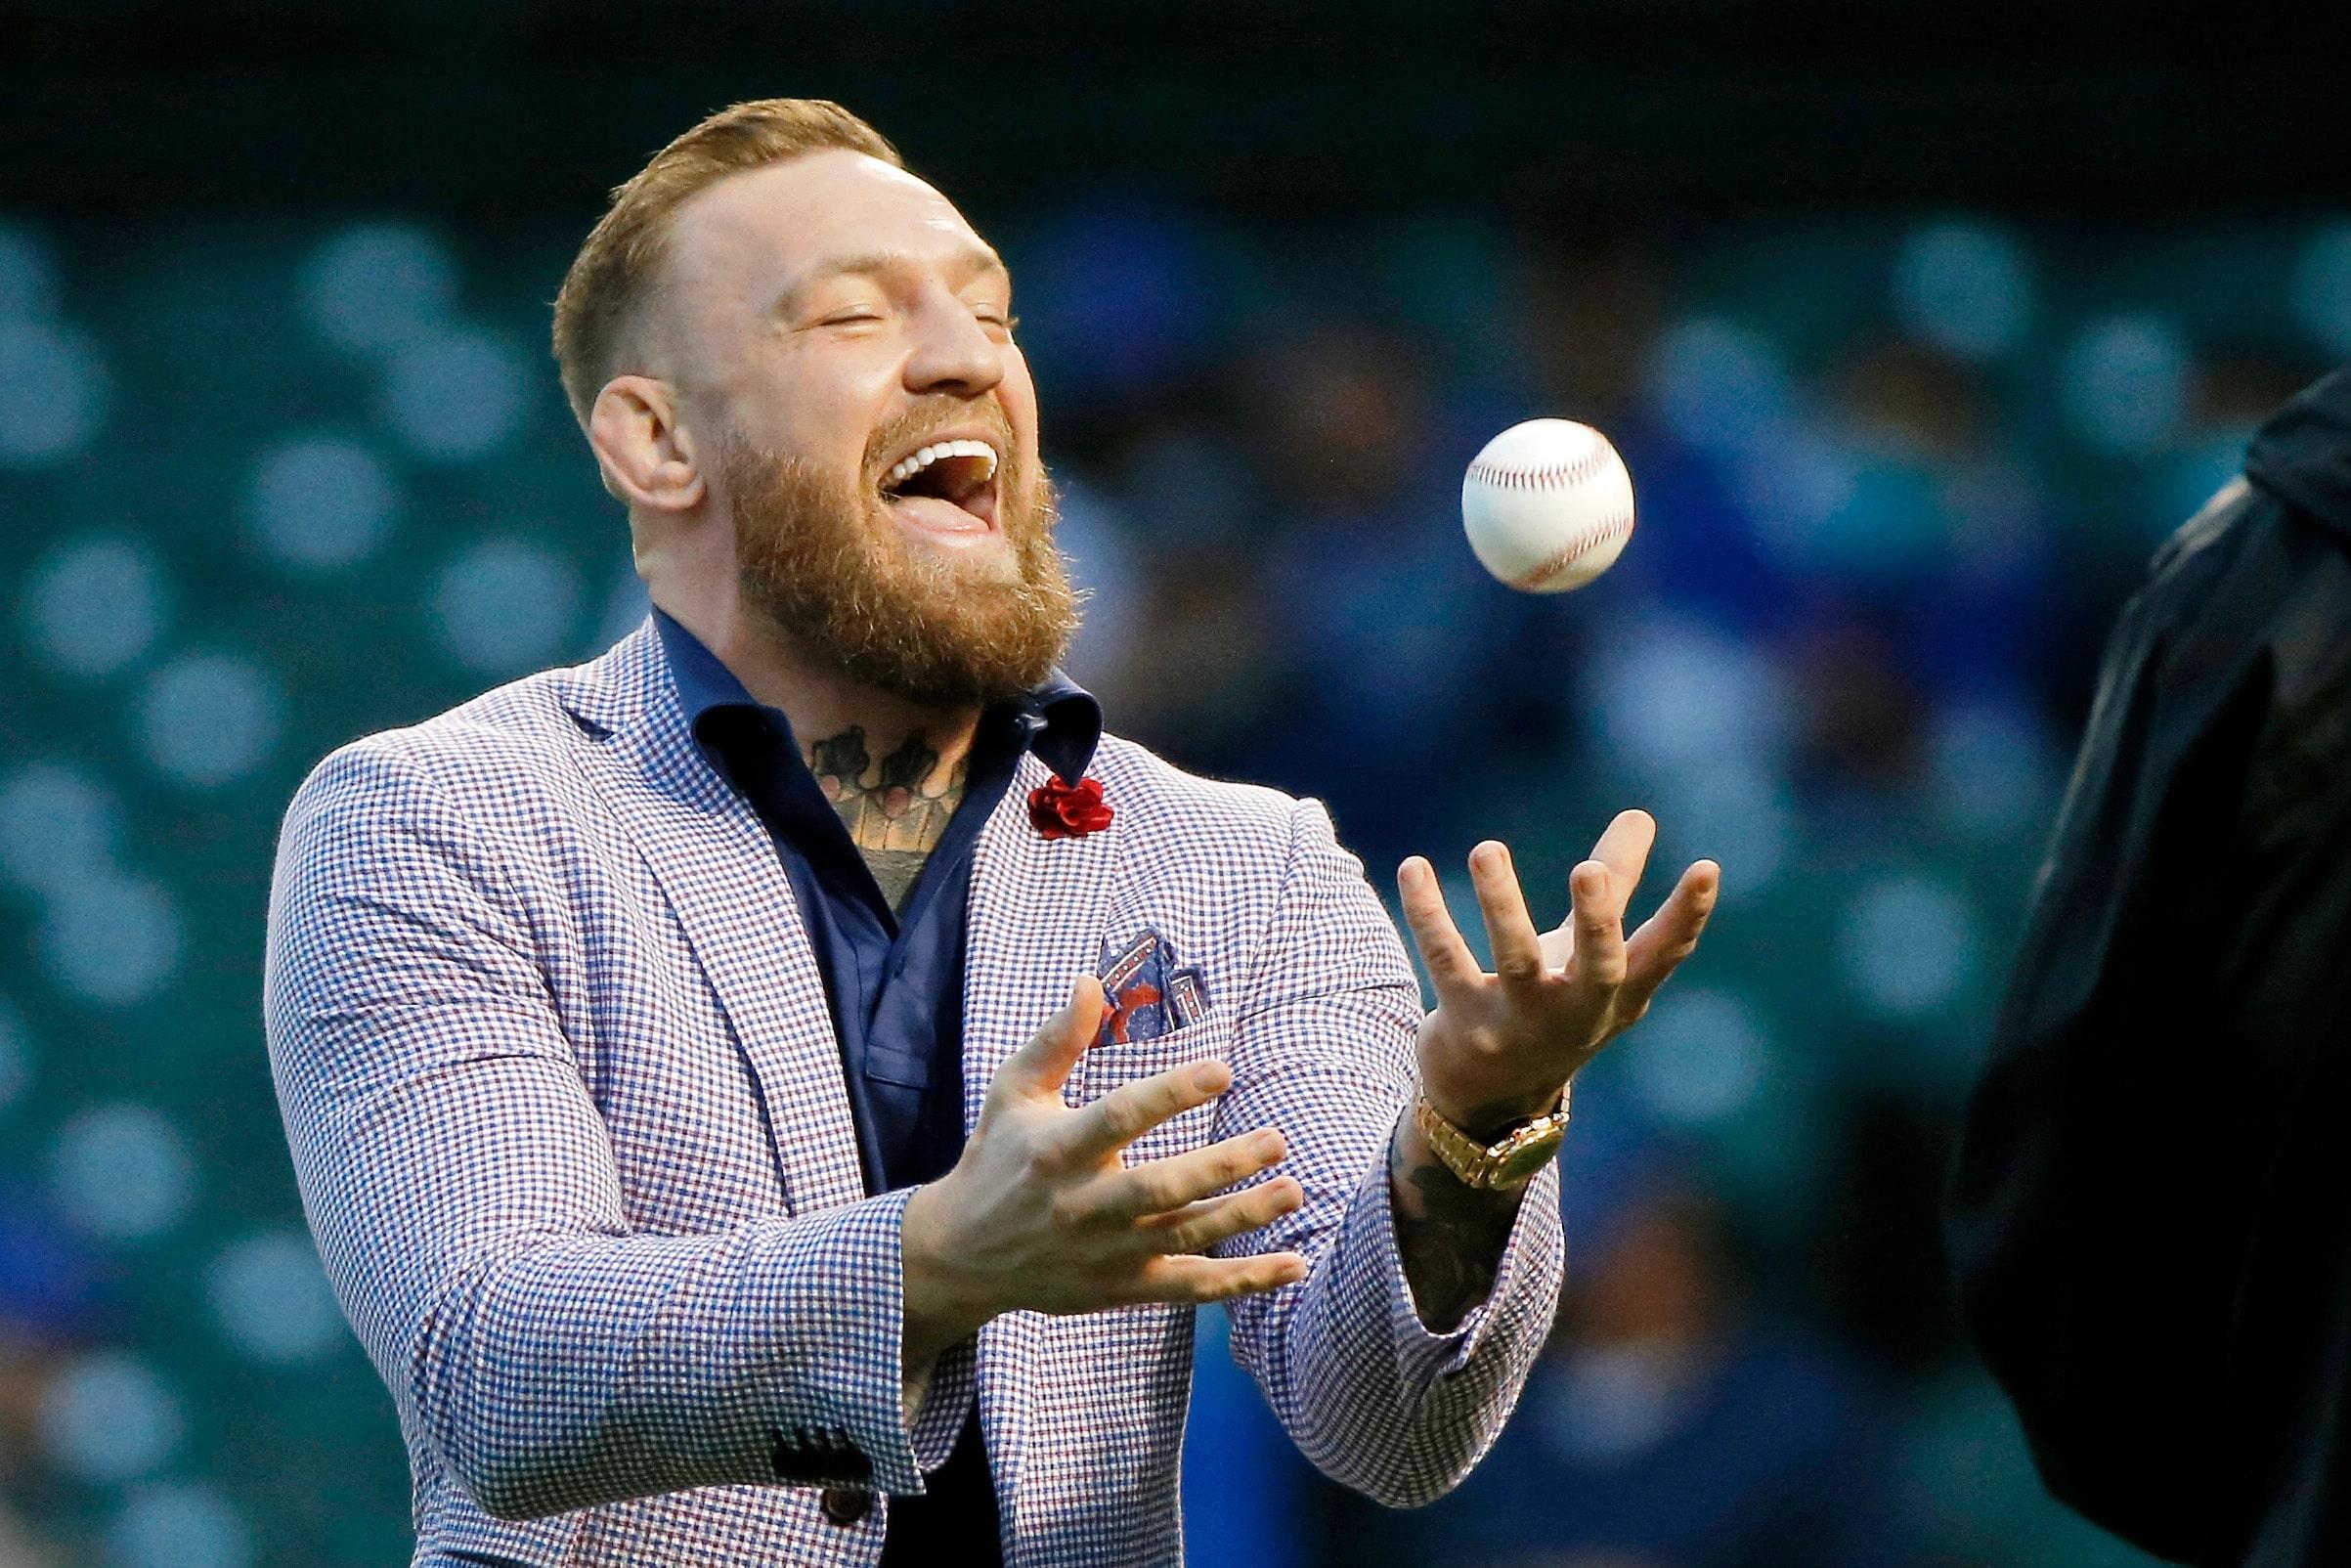 Makgregors veic, iespējams, sliktāko simbolisko iemetienu beisbolā